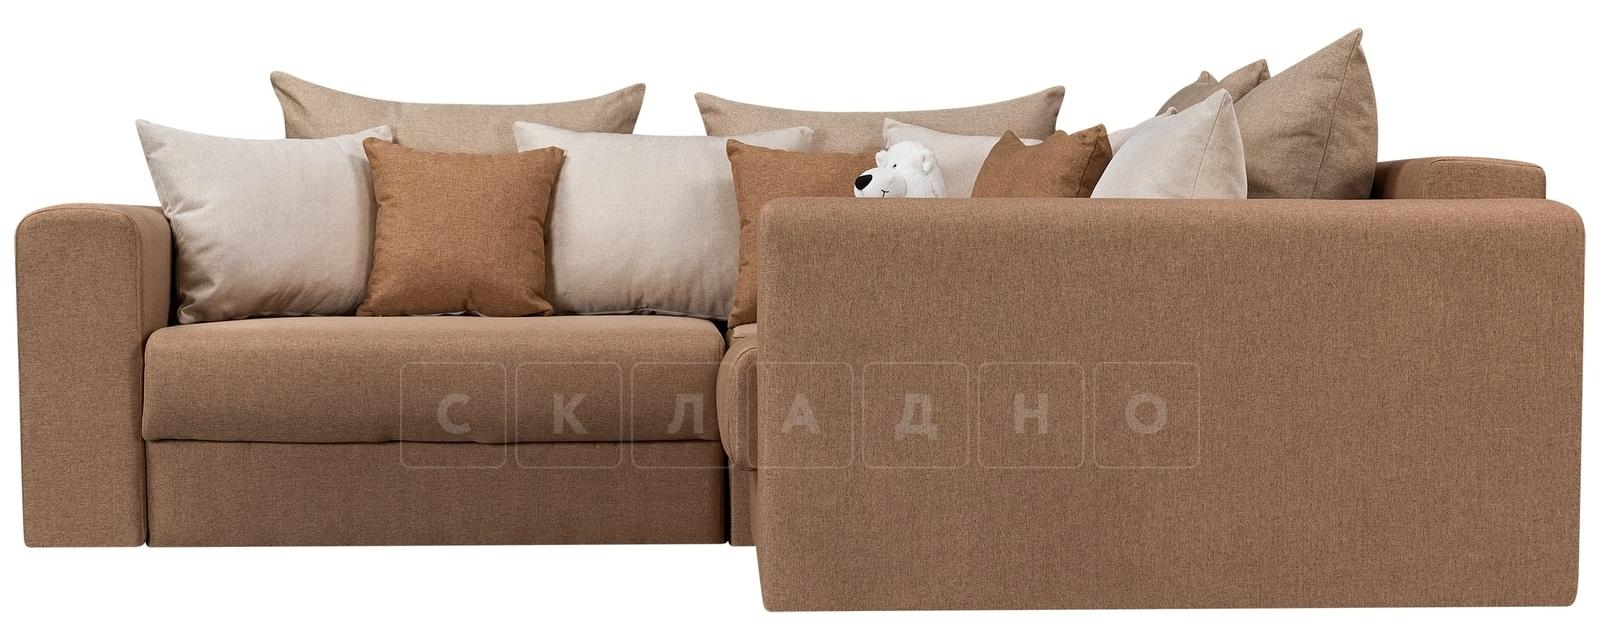 Угловой диван Медисон коричневый 244х224 см фото 2 | интернет-магазин Складно